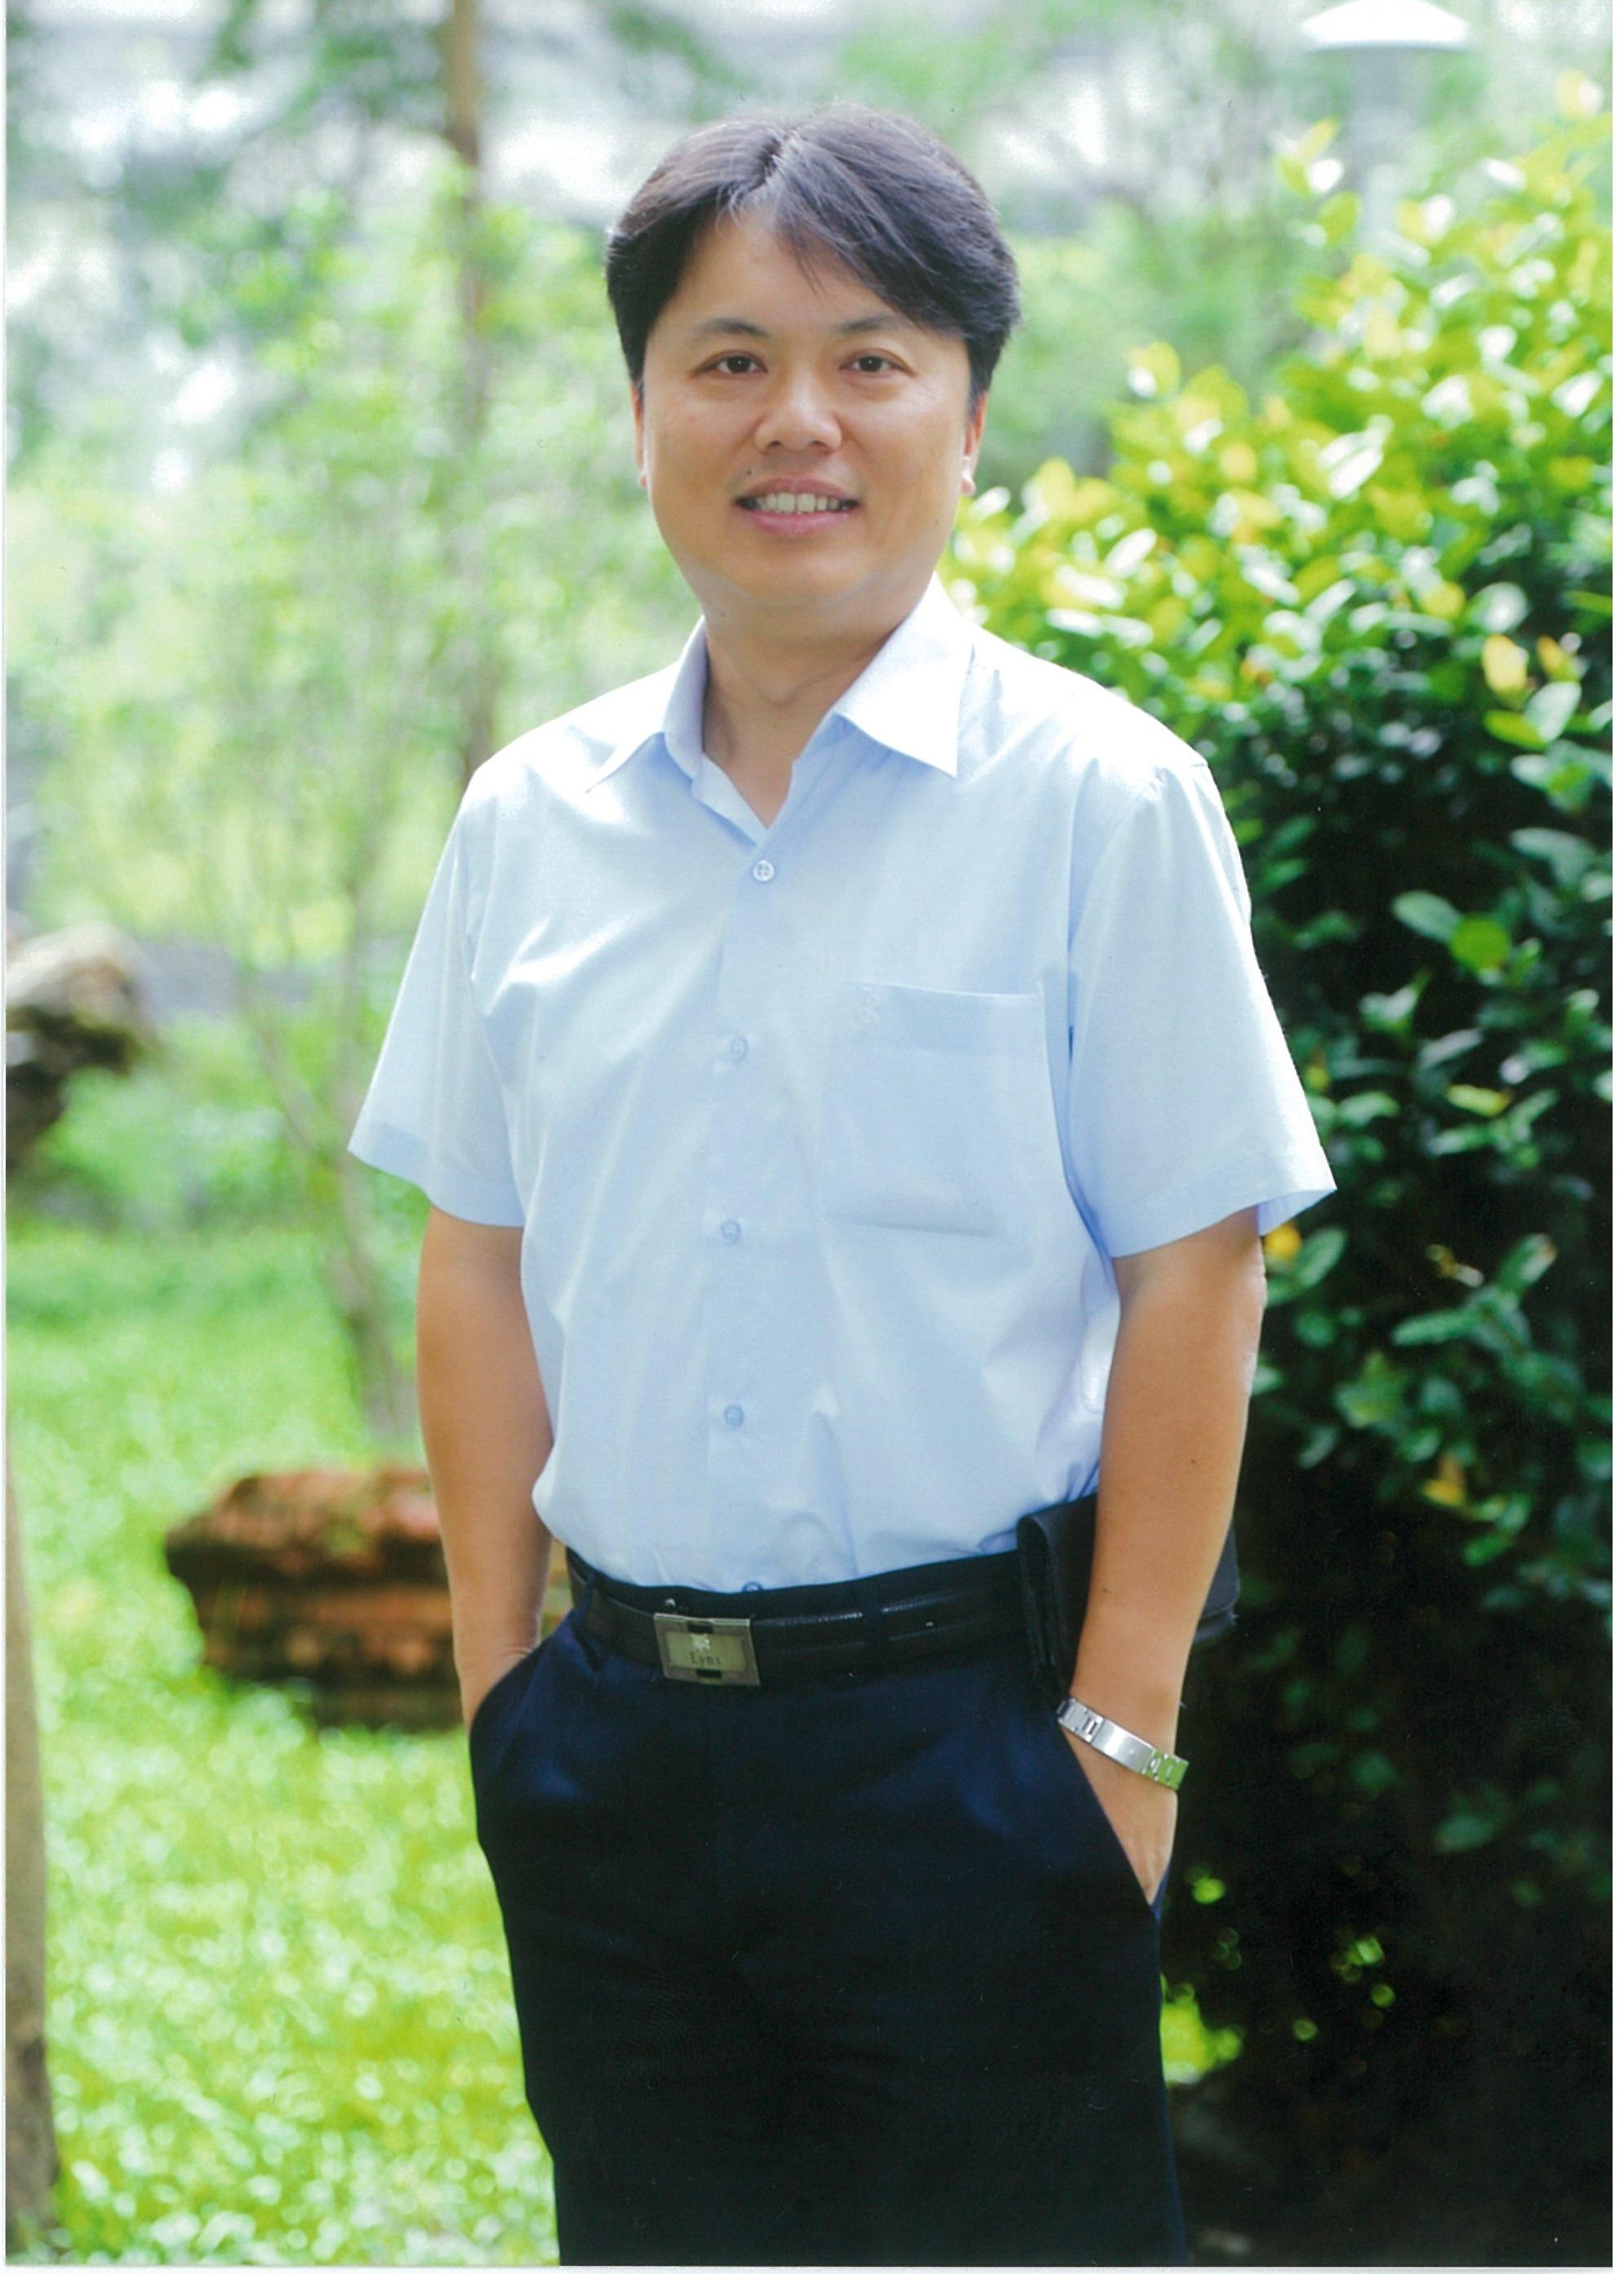 Wei-Jung Chen